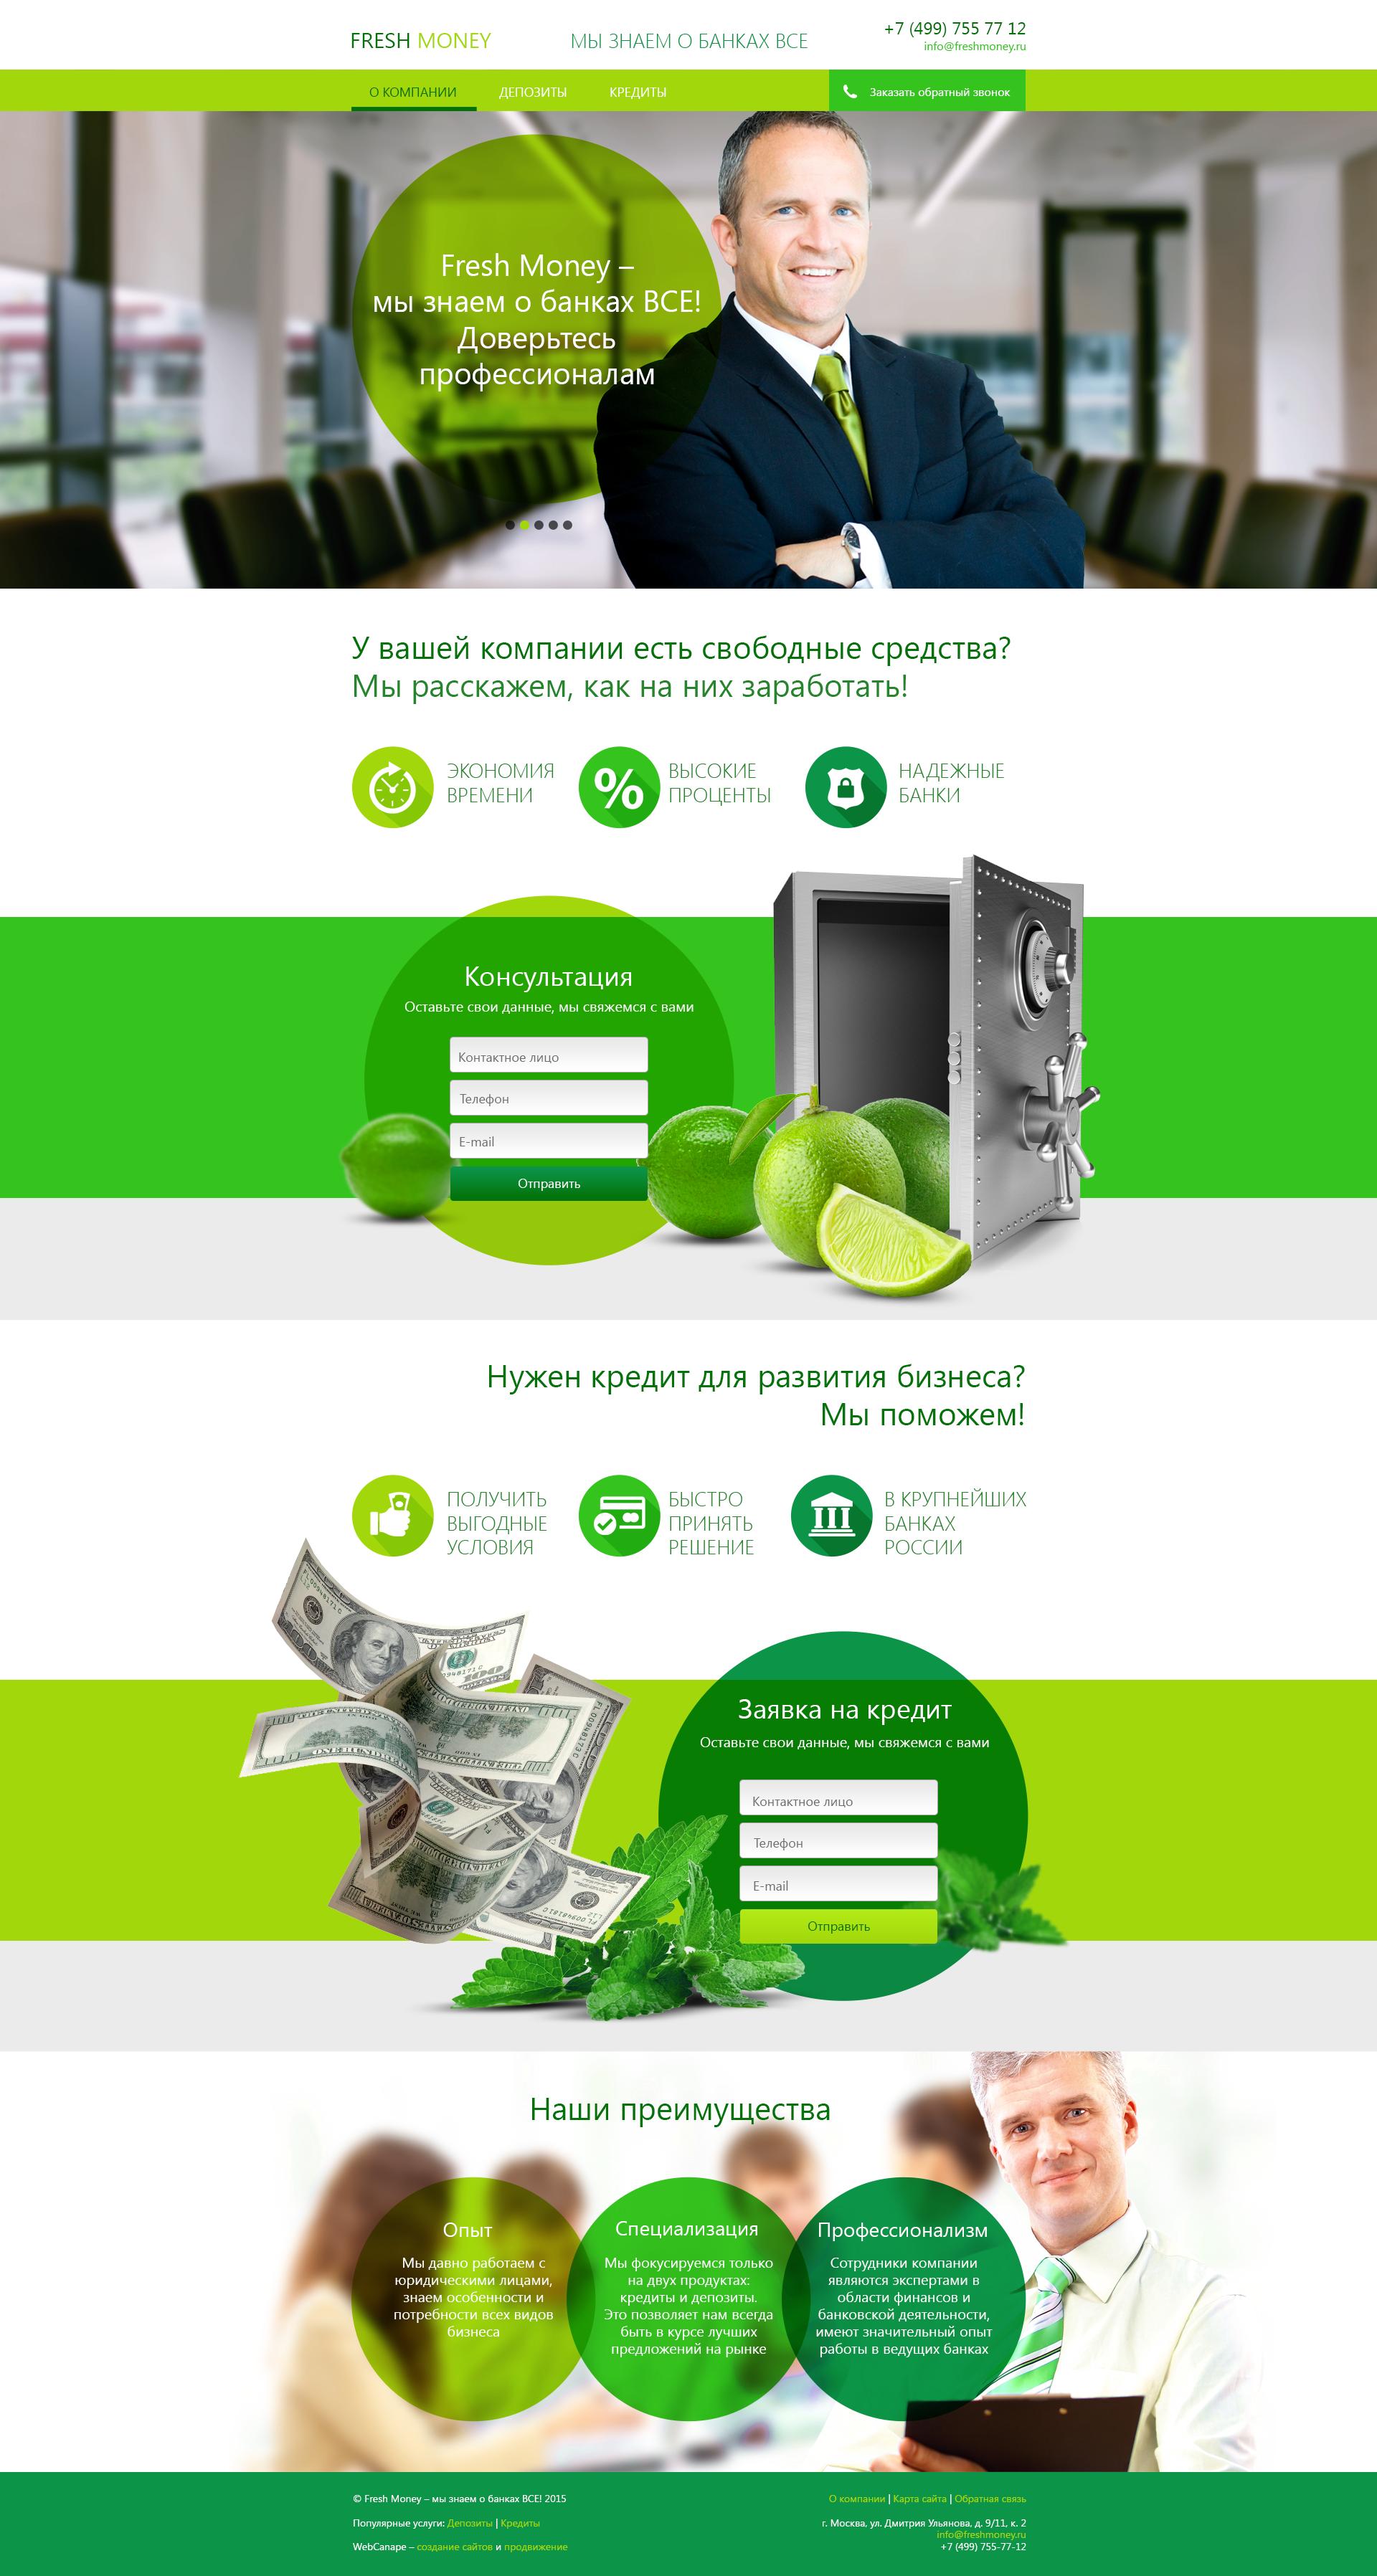 Создание сайта для компании, оказывающей финансовые услуги для бизнеса